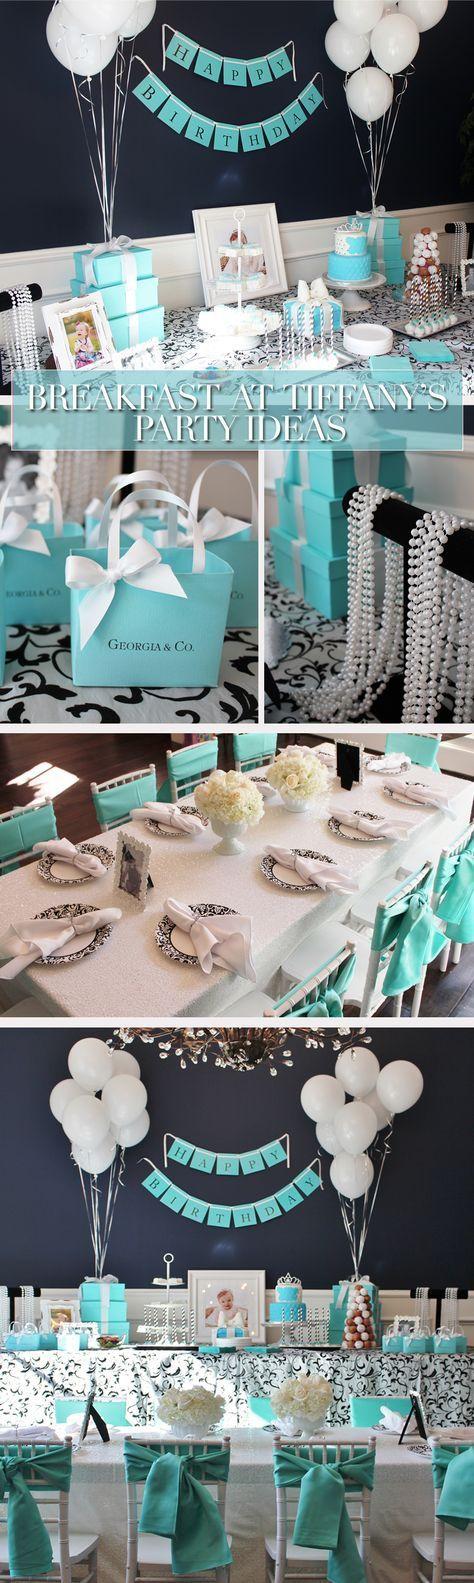 Breakfast at Tiffany's Party Ideas, Breakfast at Tiffany's Party Theme…